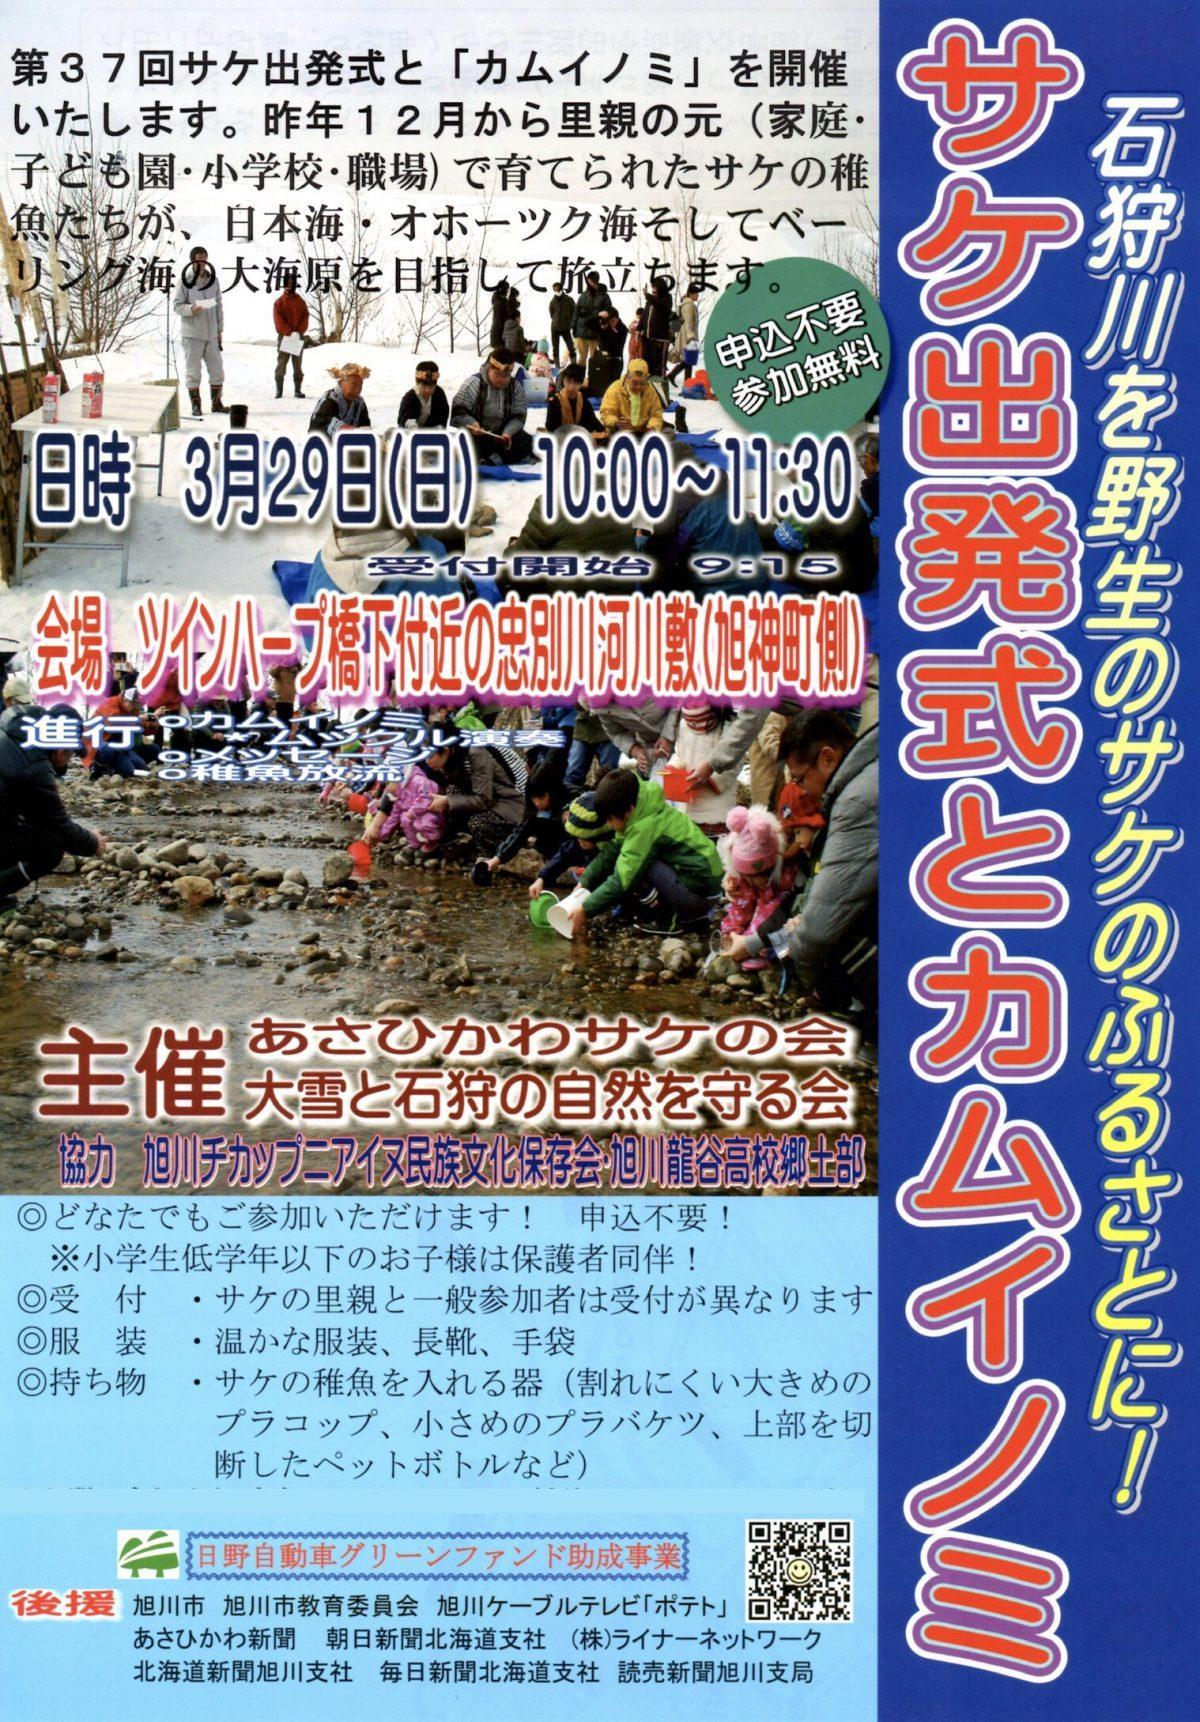 2020年3月29日 サケ出発式とカムイノミ